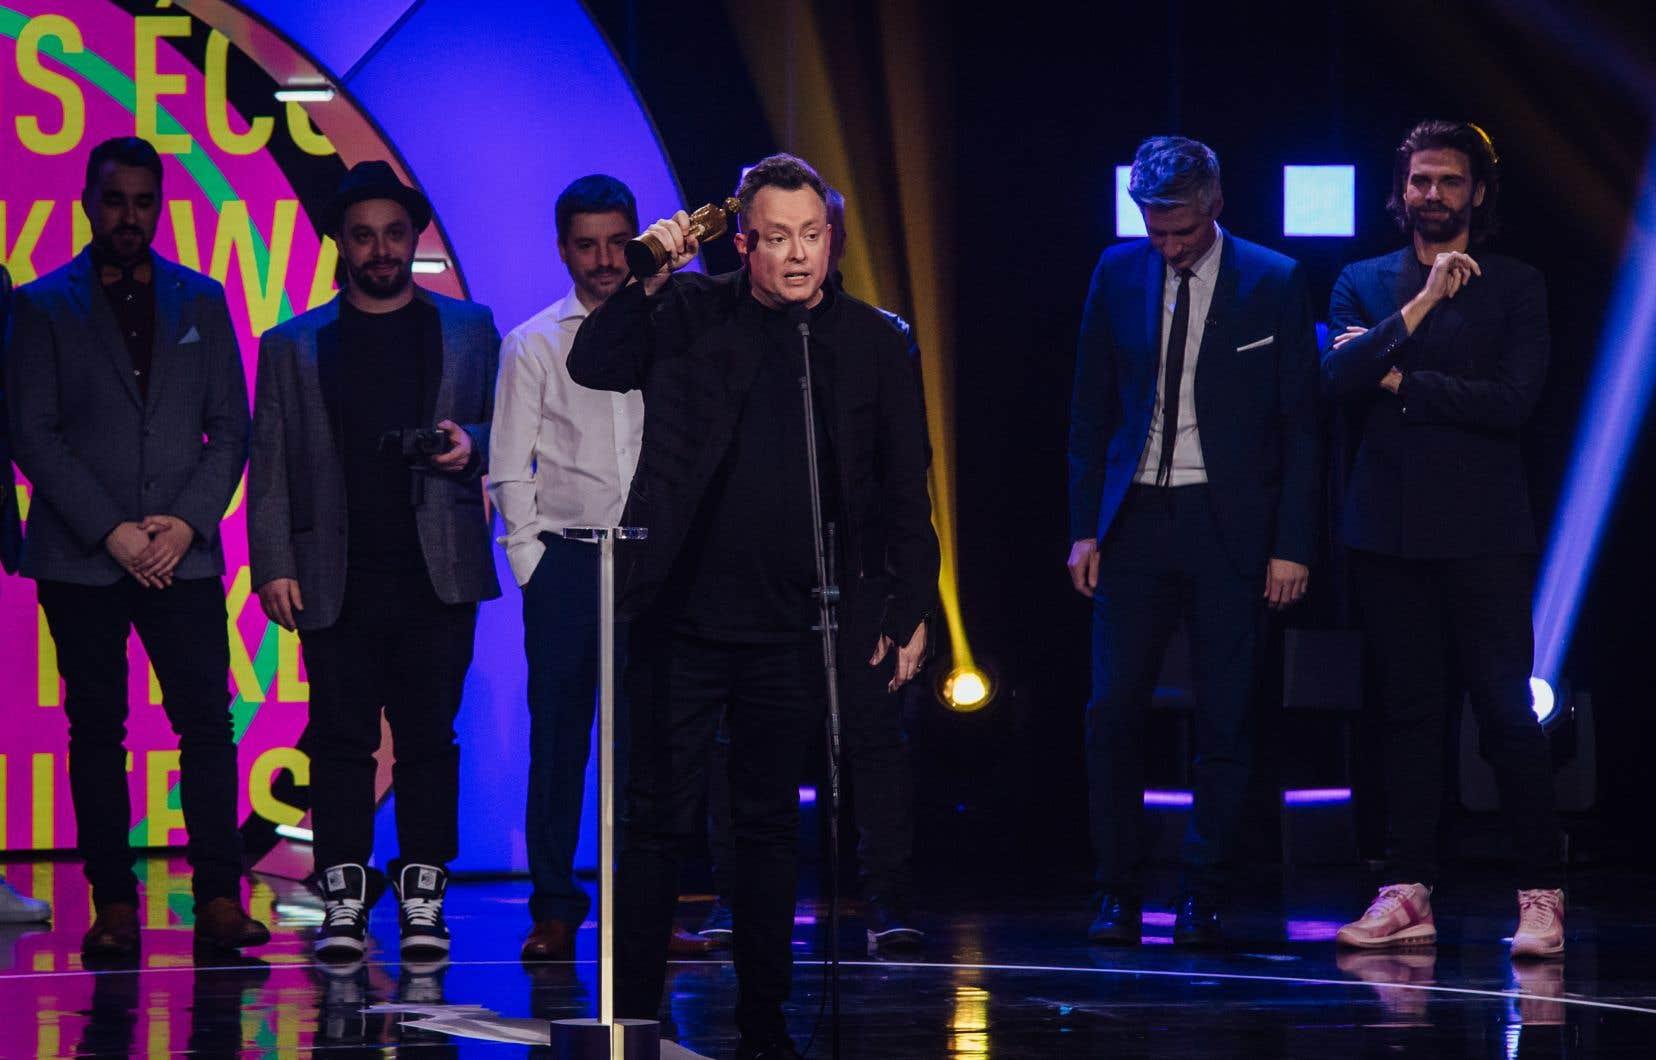 Mike Ward a livré un long discours sur la liberté d'expression après avoir reçu le prix de l'Olivier de l'année, à la fin du gala.